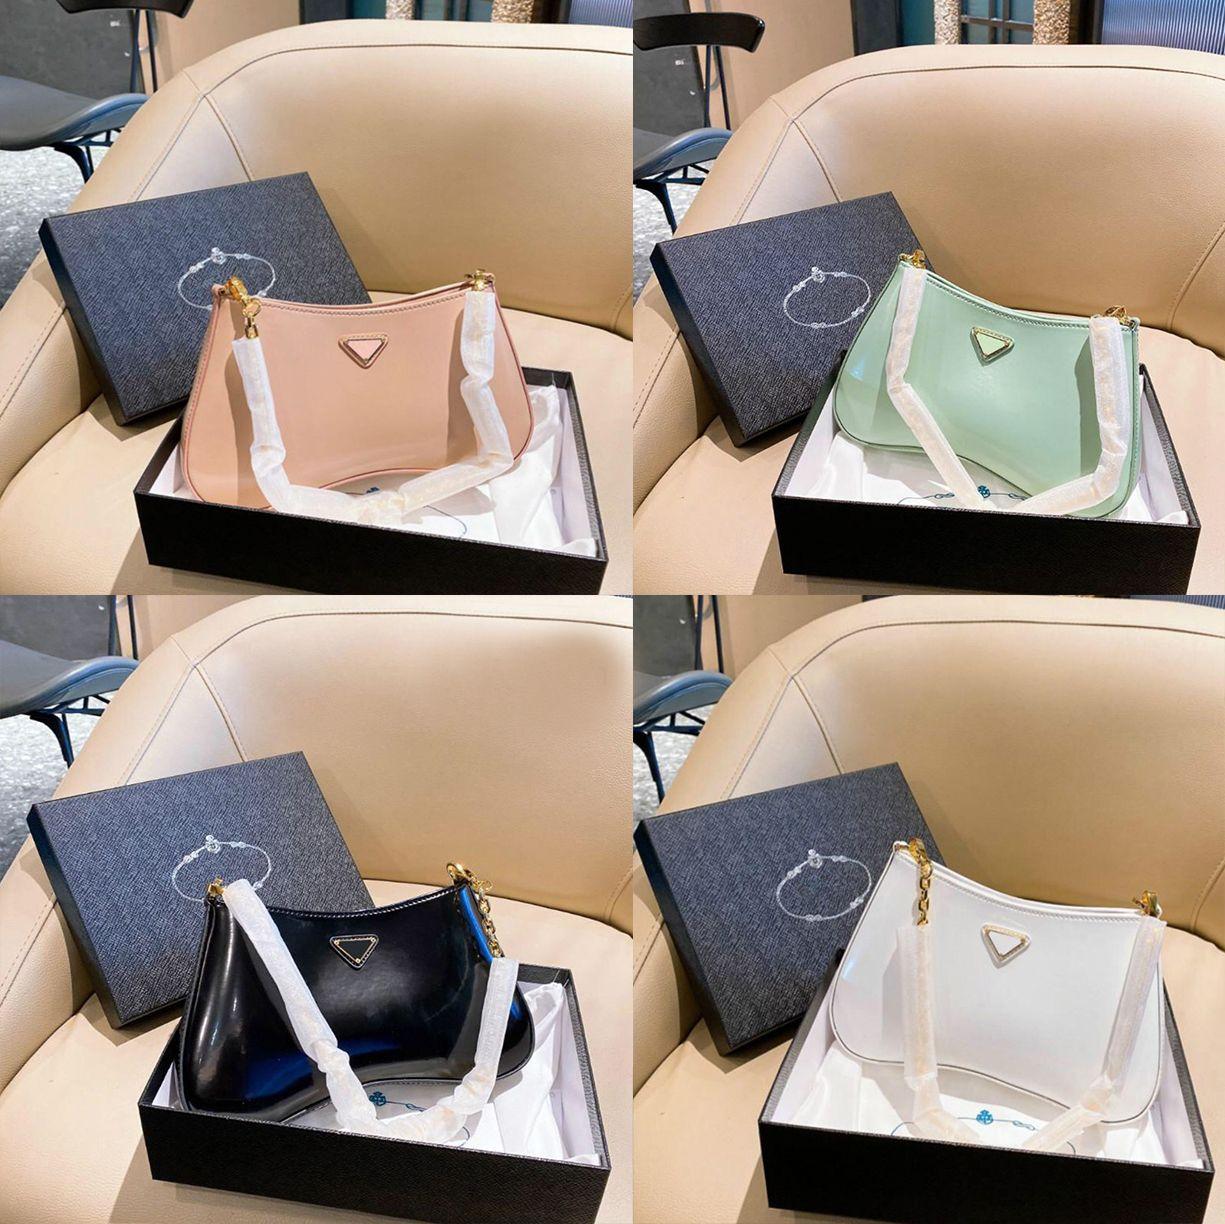 2021 роскошные портативные сумки на ремне Женские модные брендовые дизайнер подмышечный сумка Messenger размер 26 * 15 см